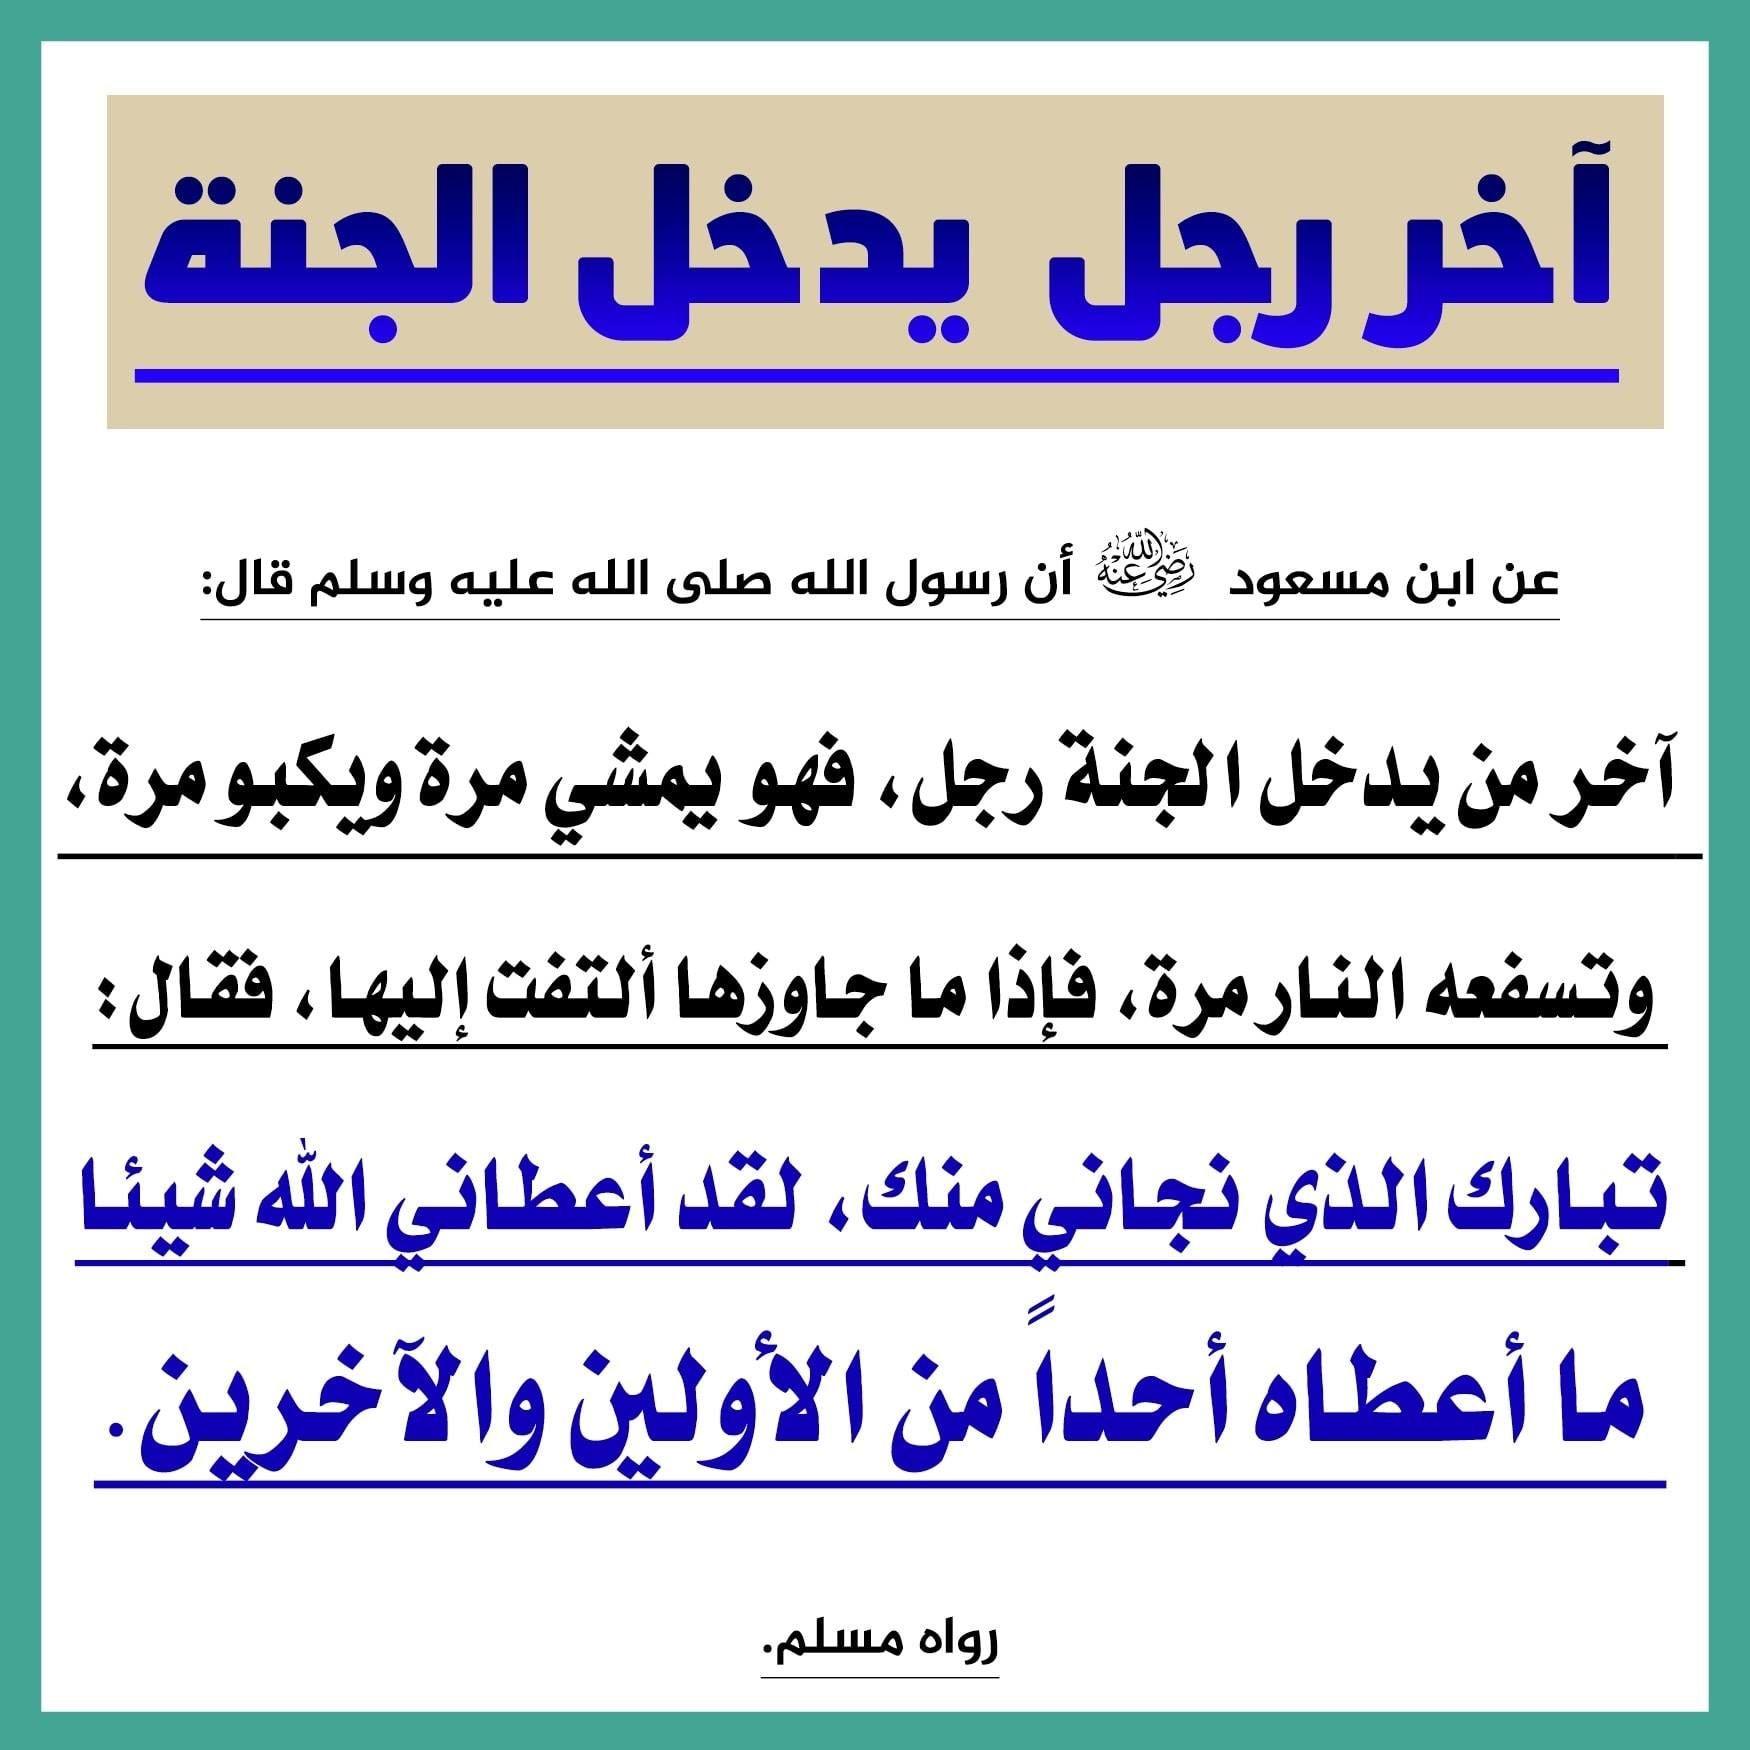 أخر من يدخل الجنة Islamic Phrases Islamic Quotes Quotes